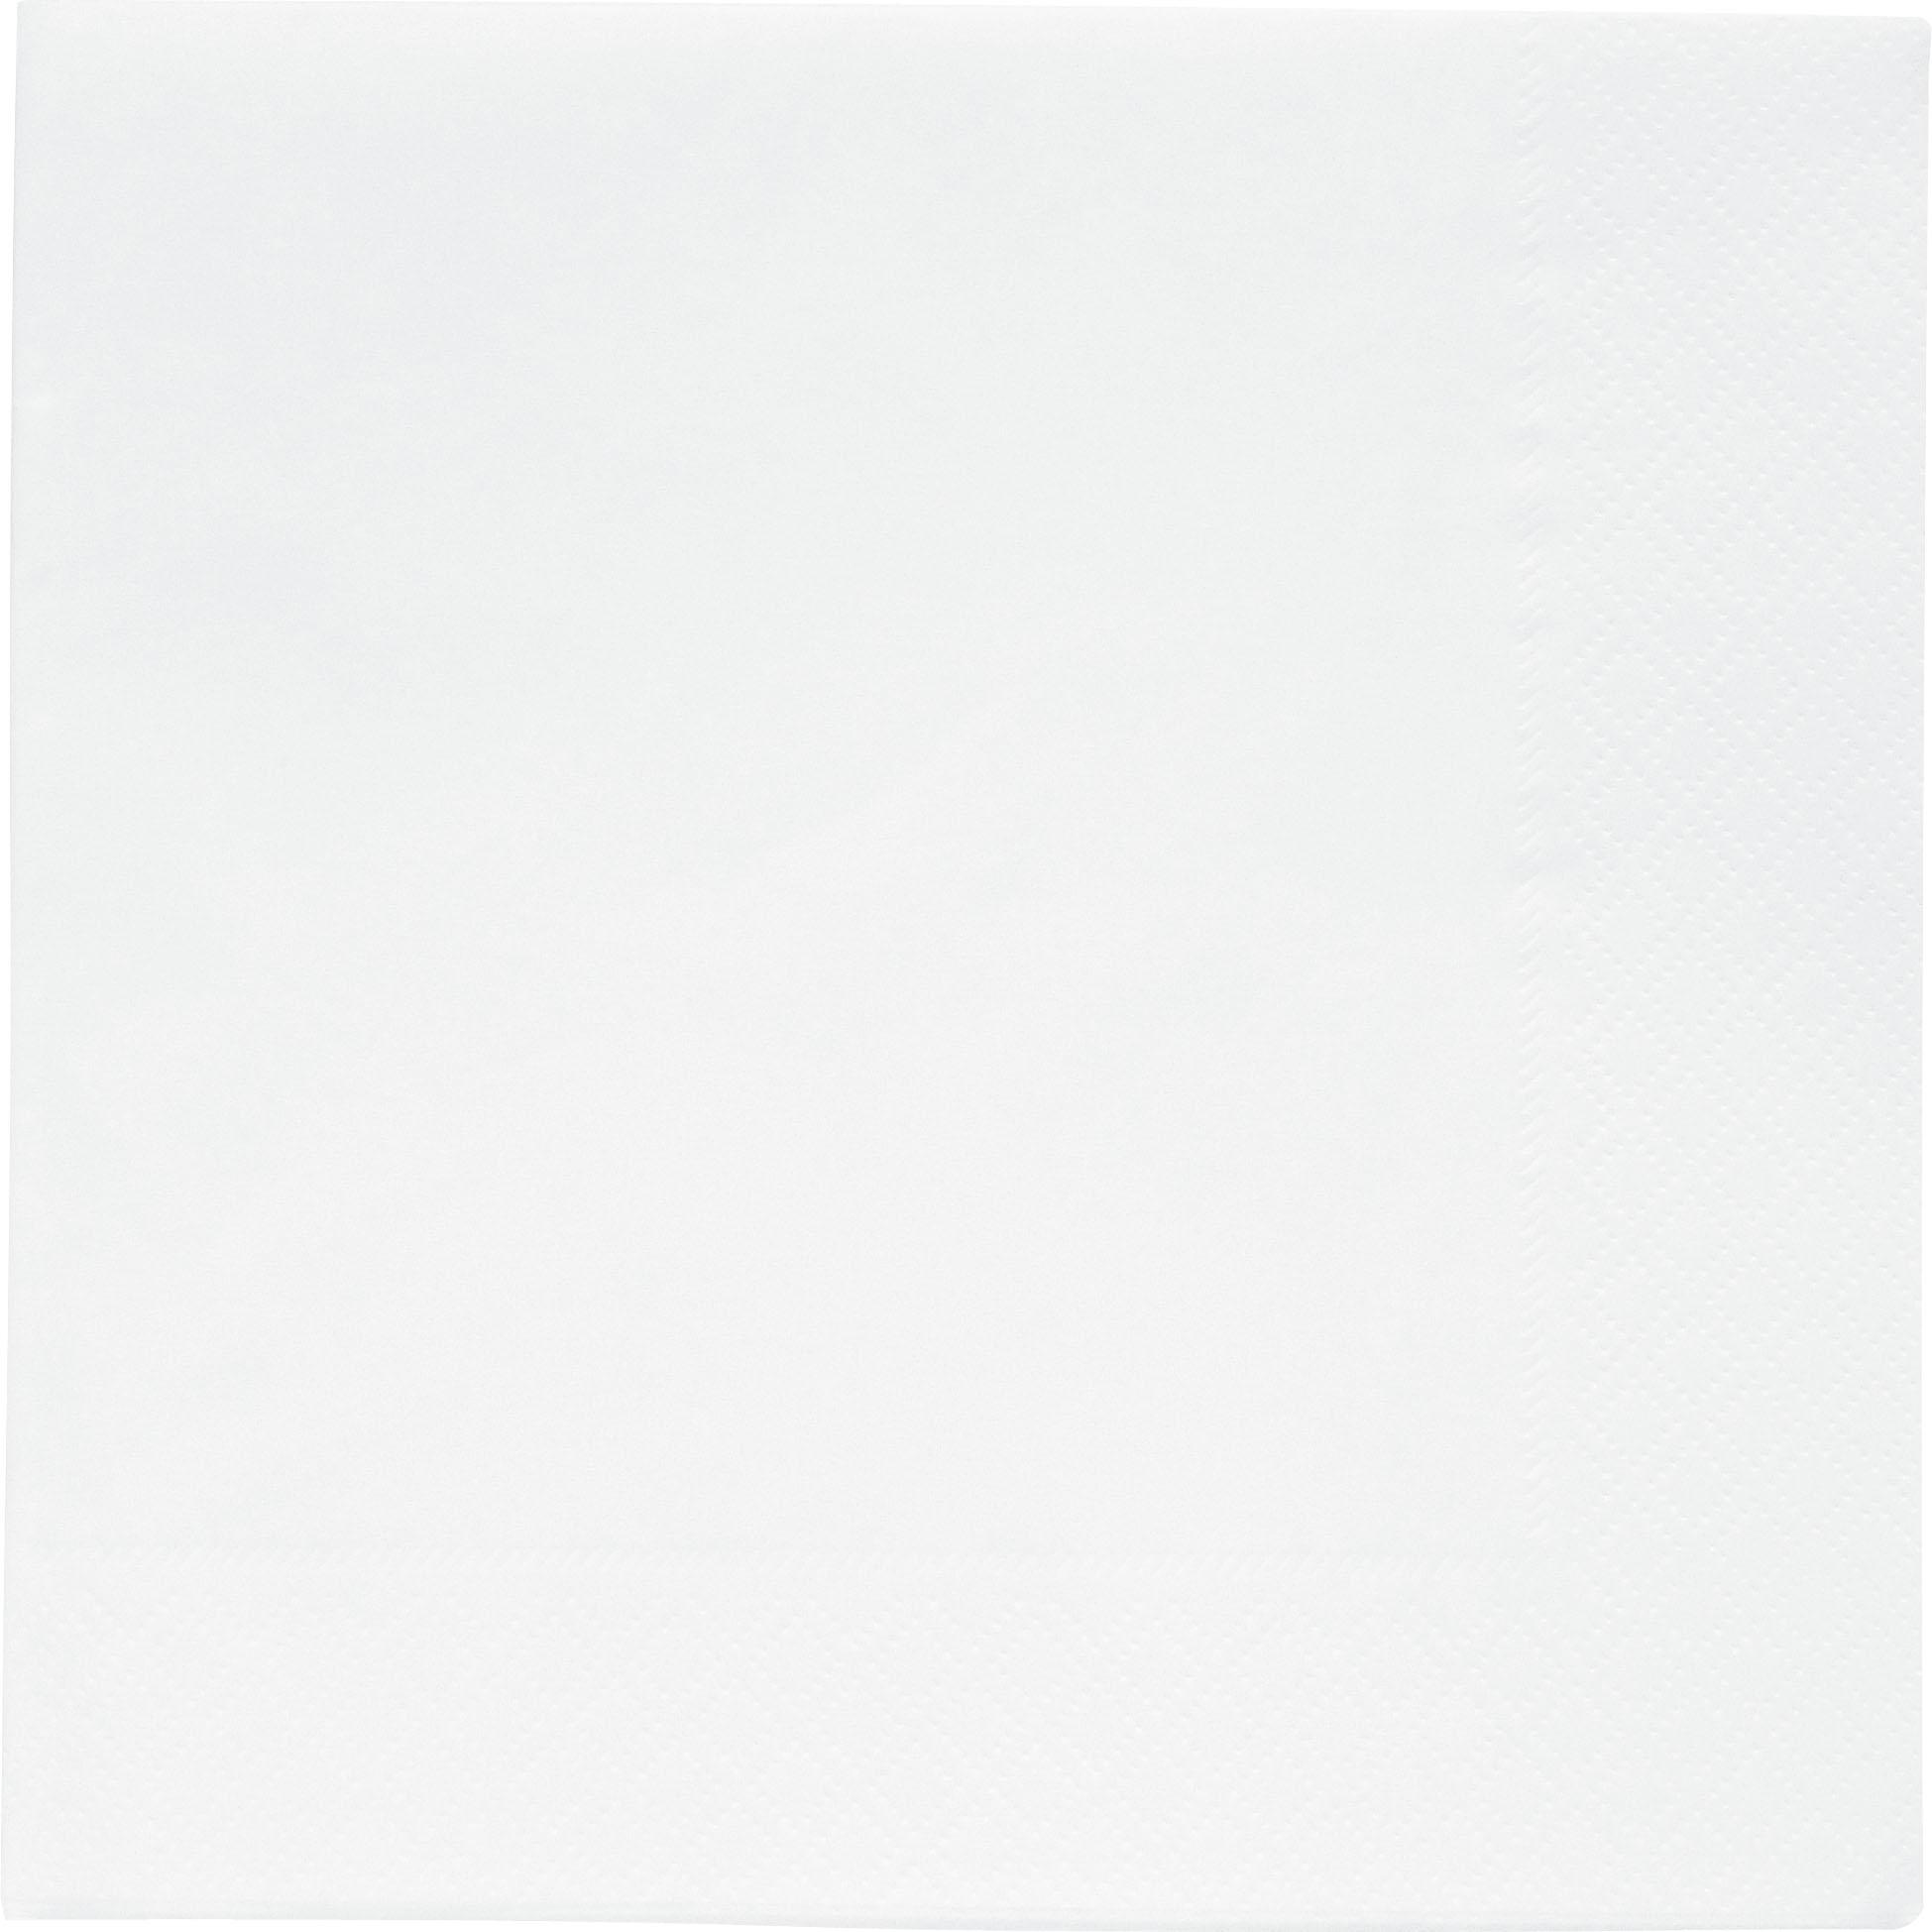 20 serviettes en papier pais blanc 33 x 33 cm d coration anniversaire et f tes th me sur. Black Bedroom Furniture Sets. Home Design Ideas